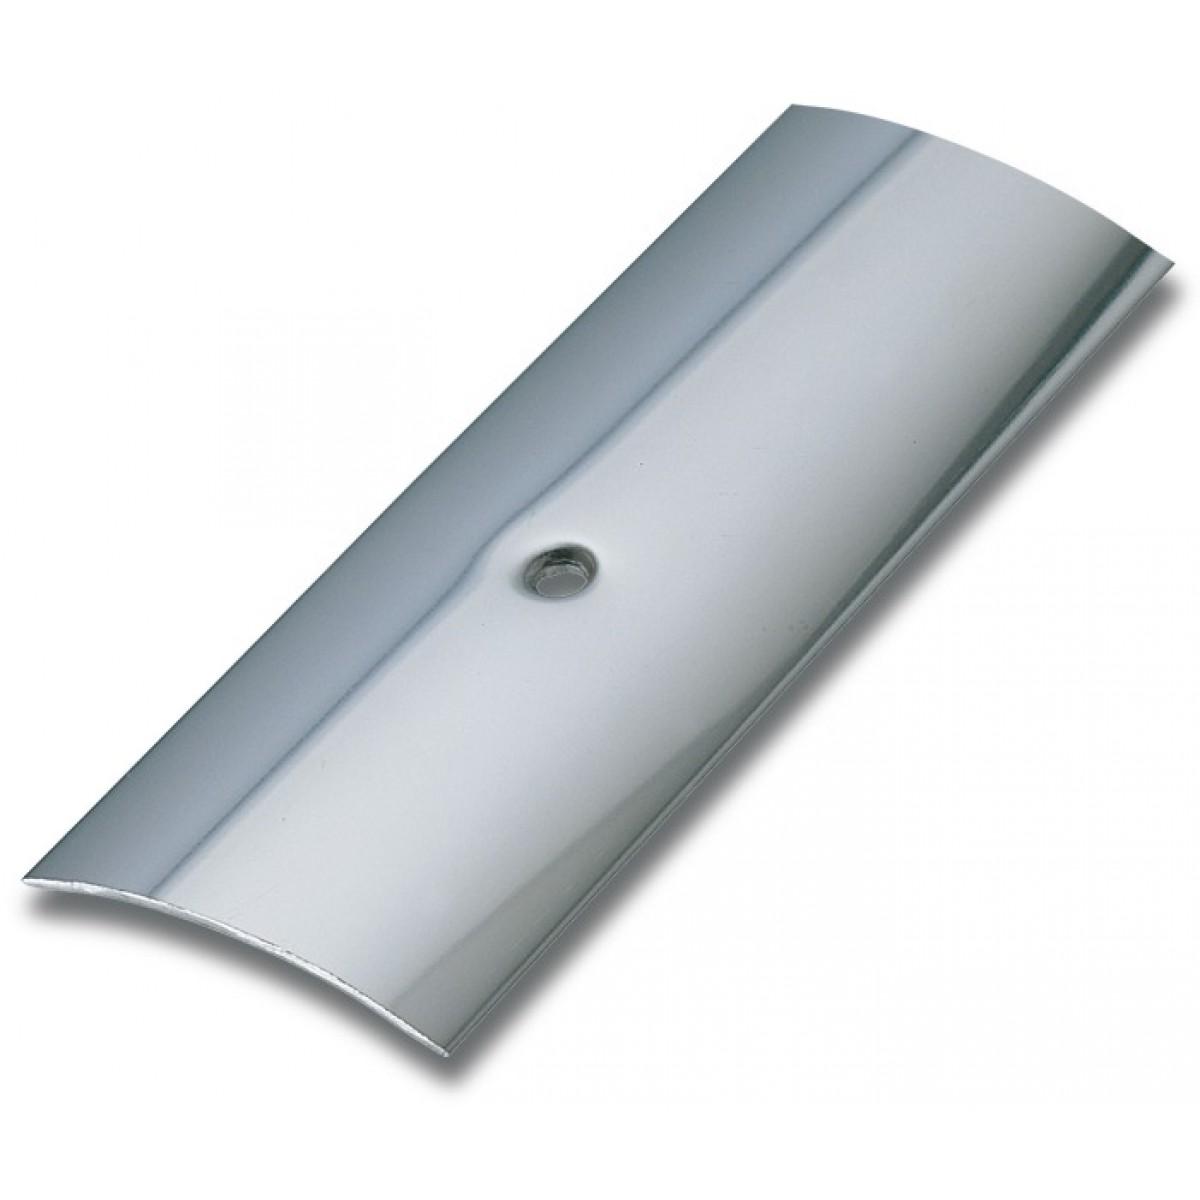 Bande de seuil adhésive inox Dinac - Longueur 73 cm - Largeur 30 mm